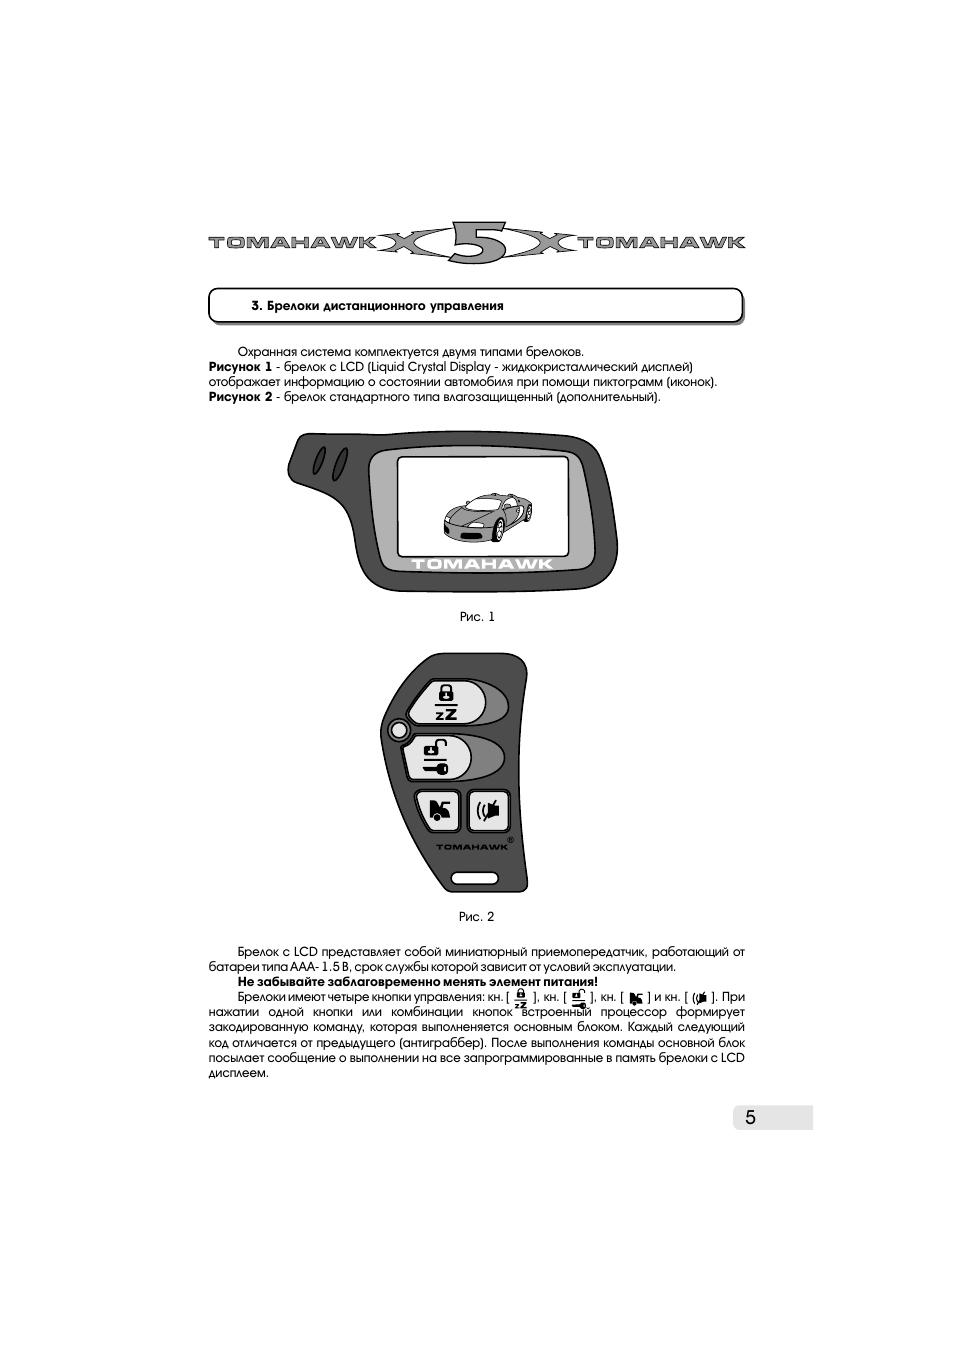 инструкция по эксплуатации томагавк 2-way